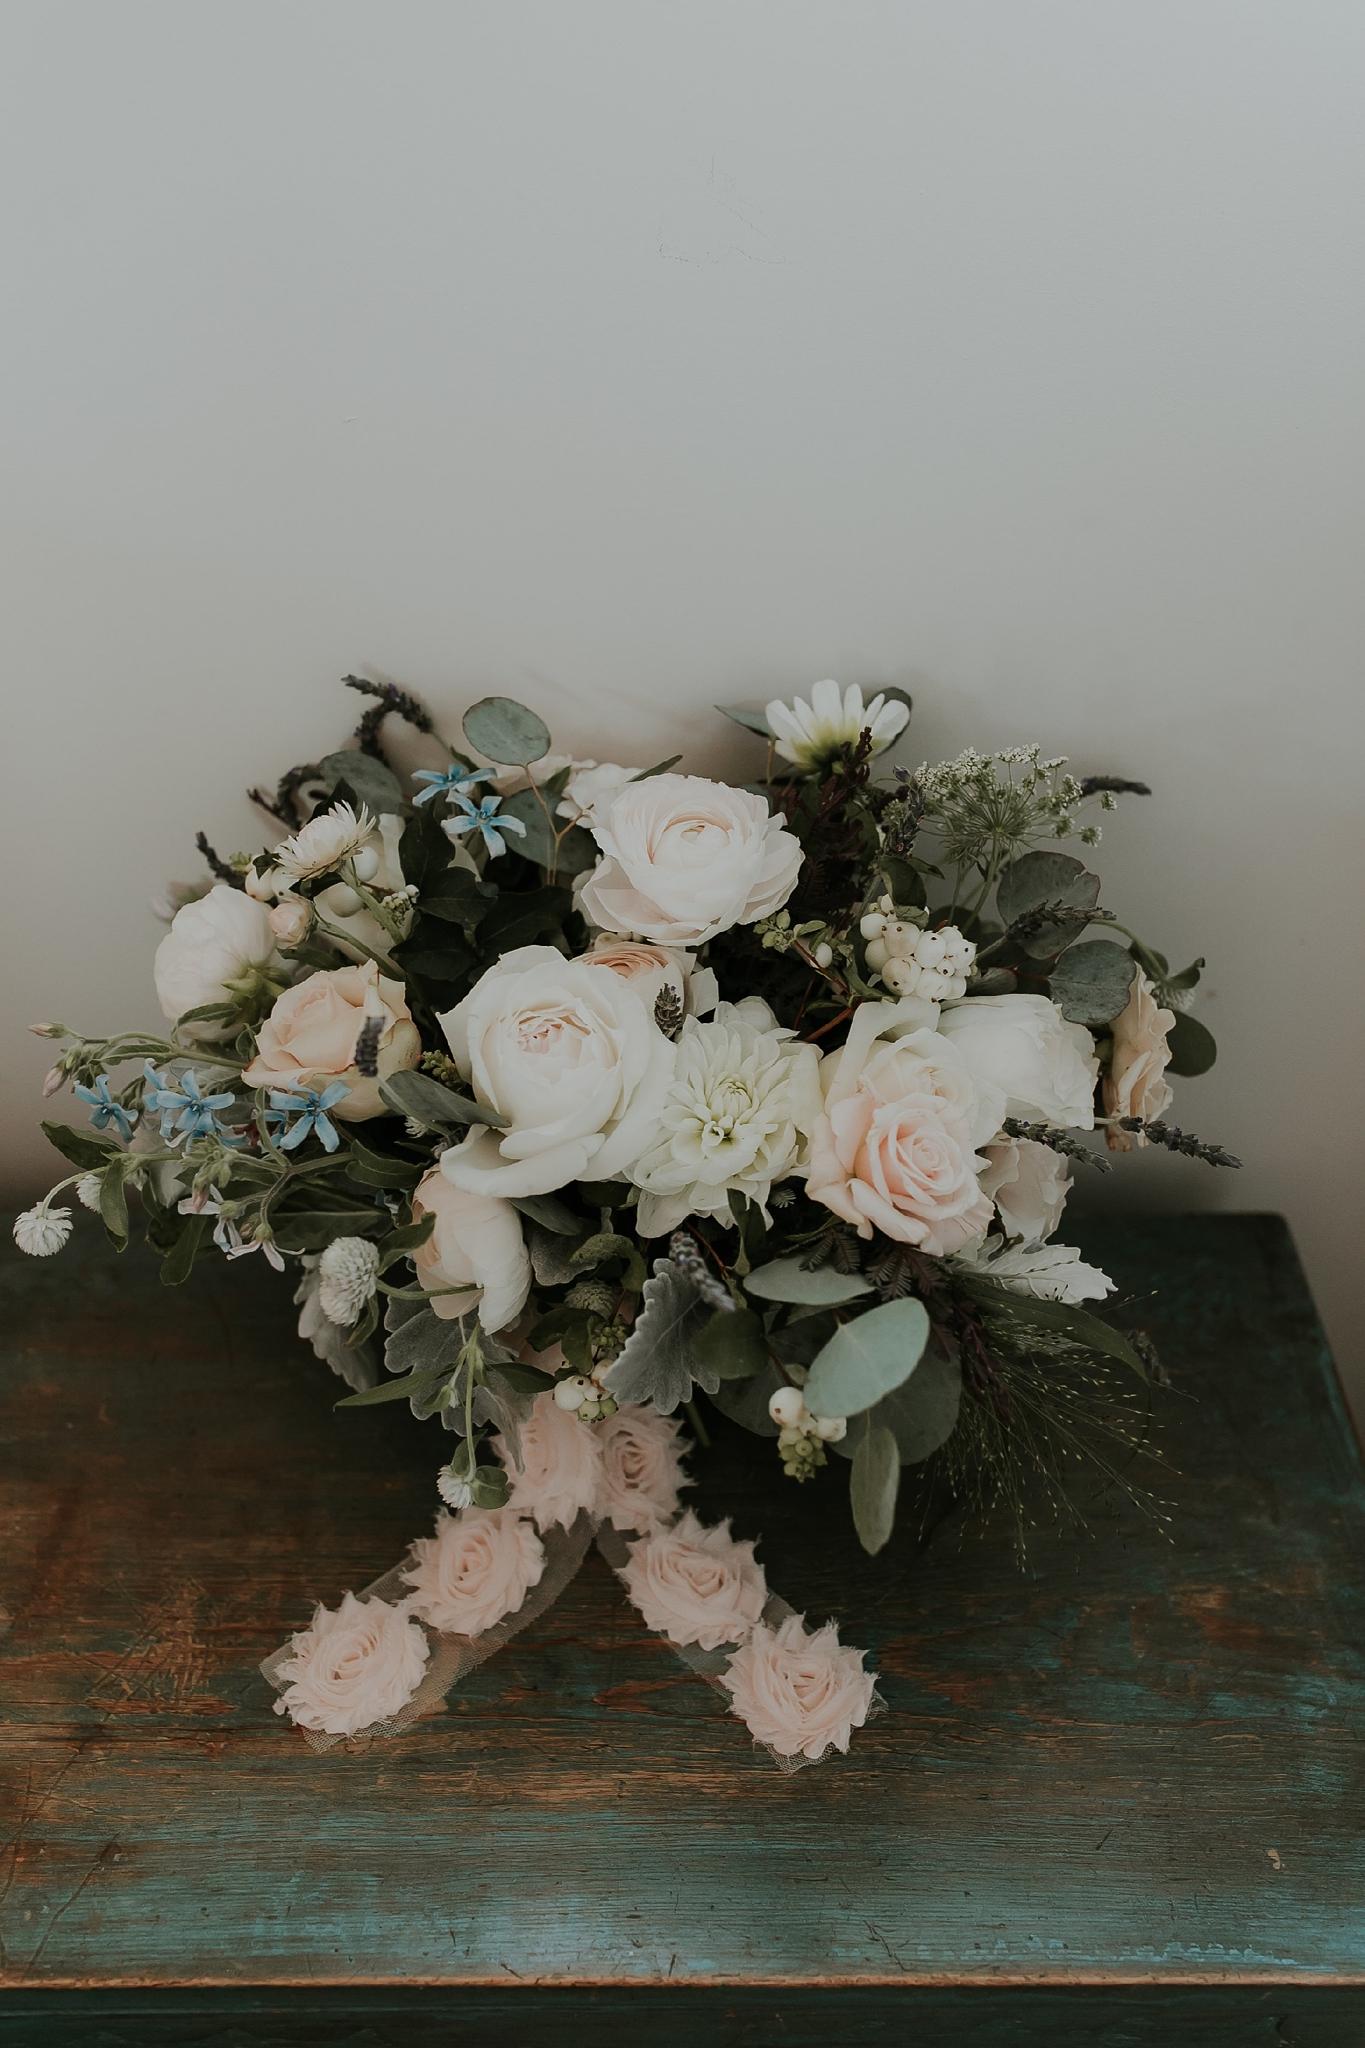 Alicia+lucia+photography+-+albuquerque+wedding+photographer+-+santa+fe+wedding+photography+-+new+mexico+wedding+photographer+-+new+mexico+florist+-+wedding+florist+-+renegade+floral_0071.jpg